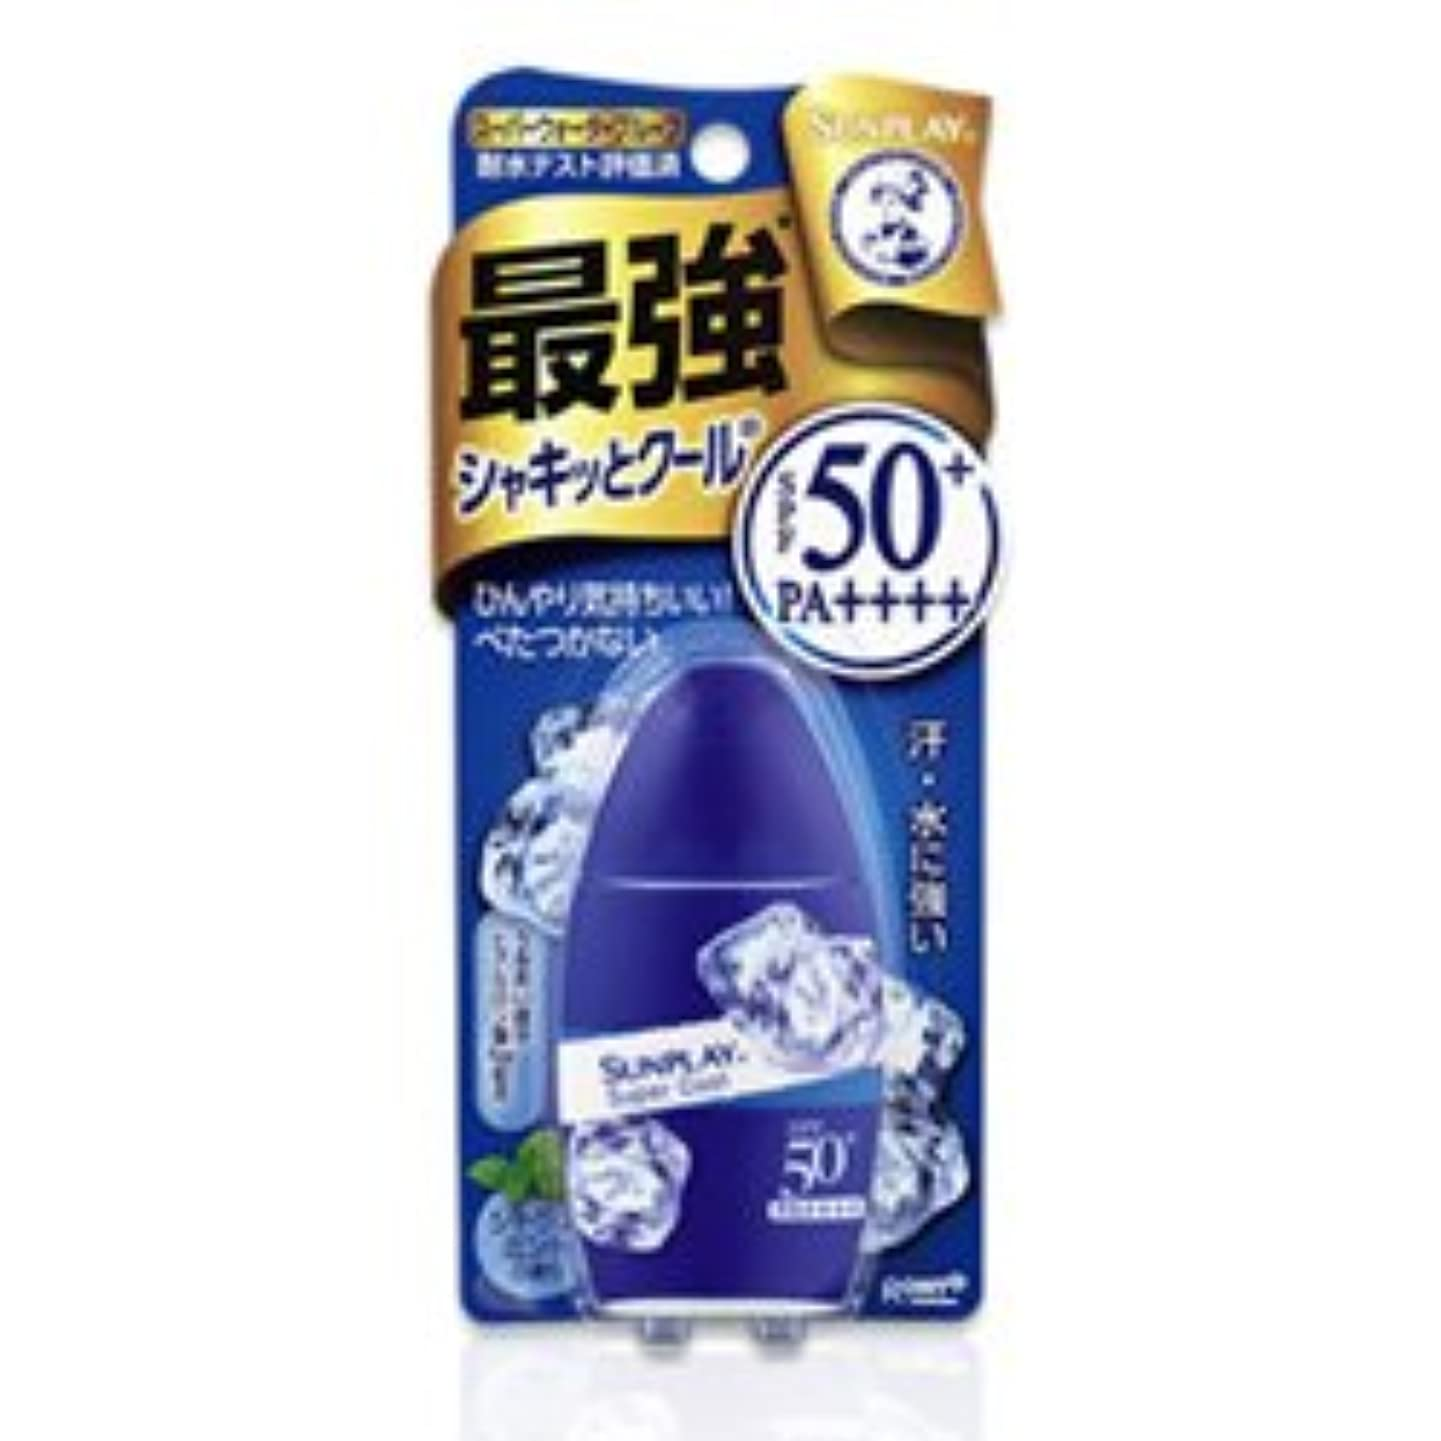 長くする眉契約【ロート製薬】メンソレータム サンプレイ スーパークール 30g ×5個セット